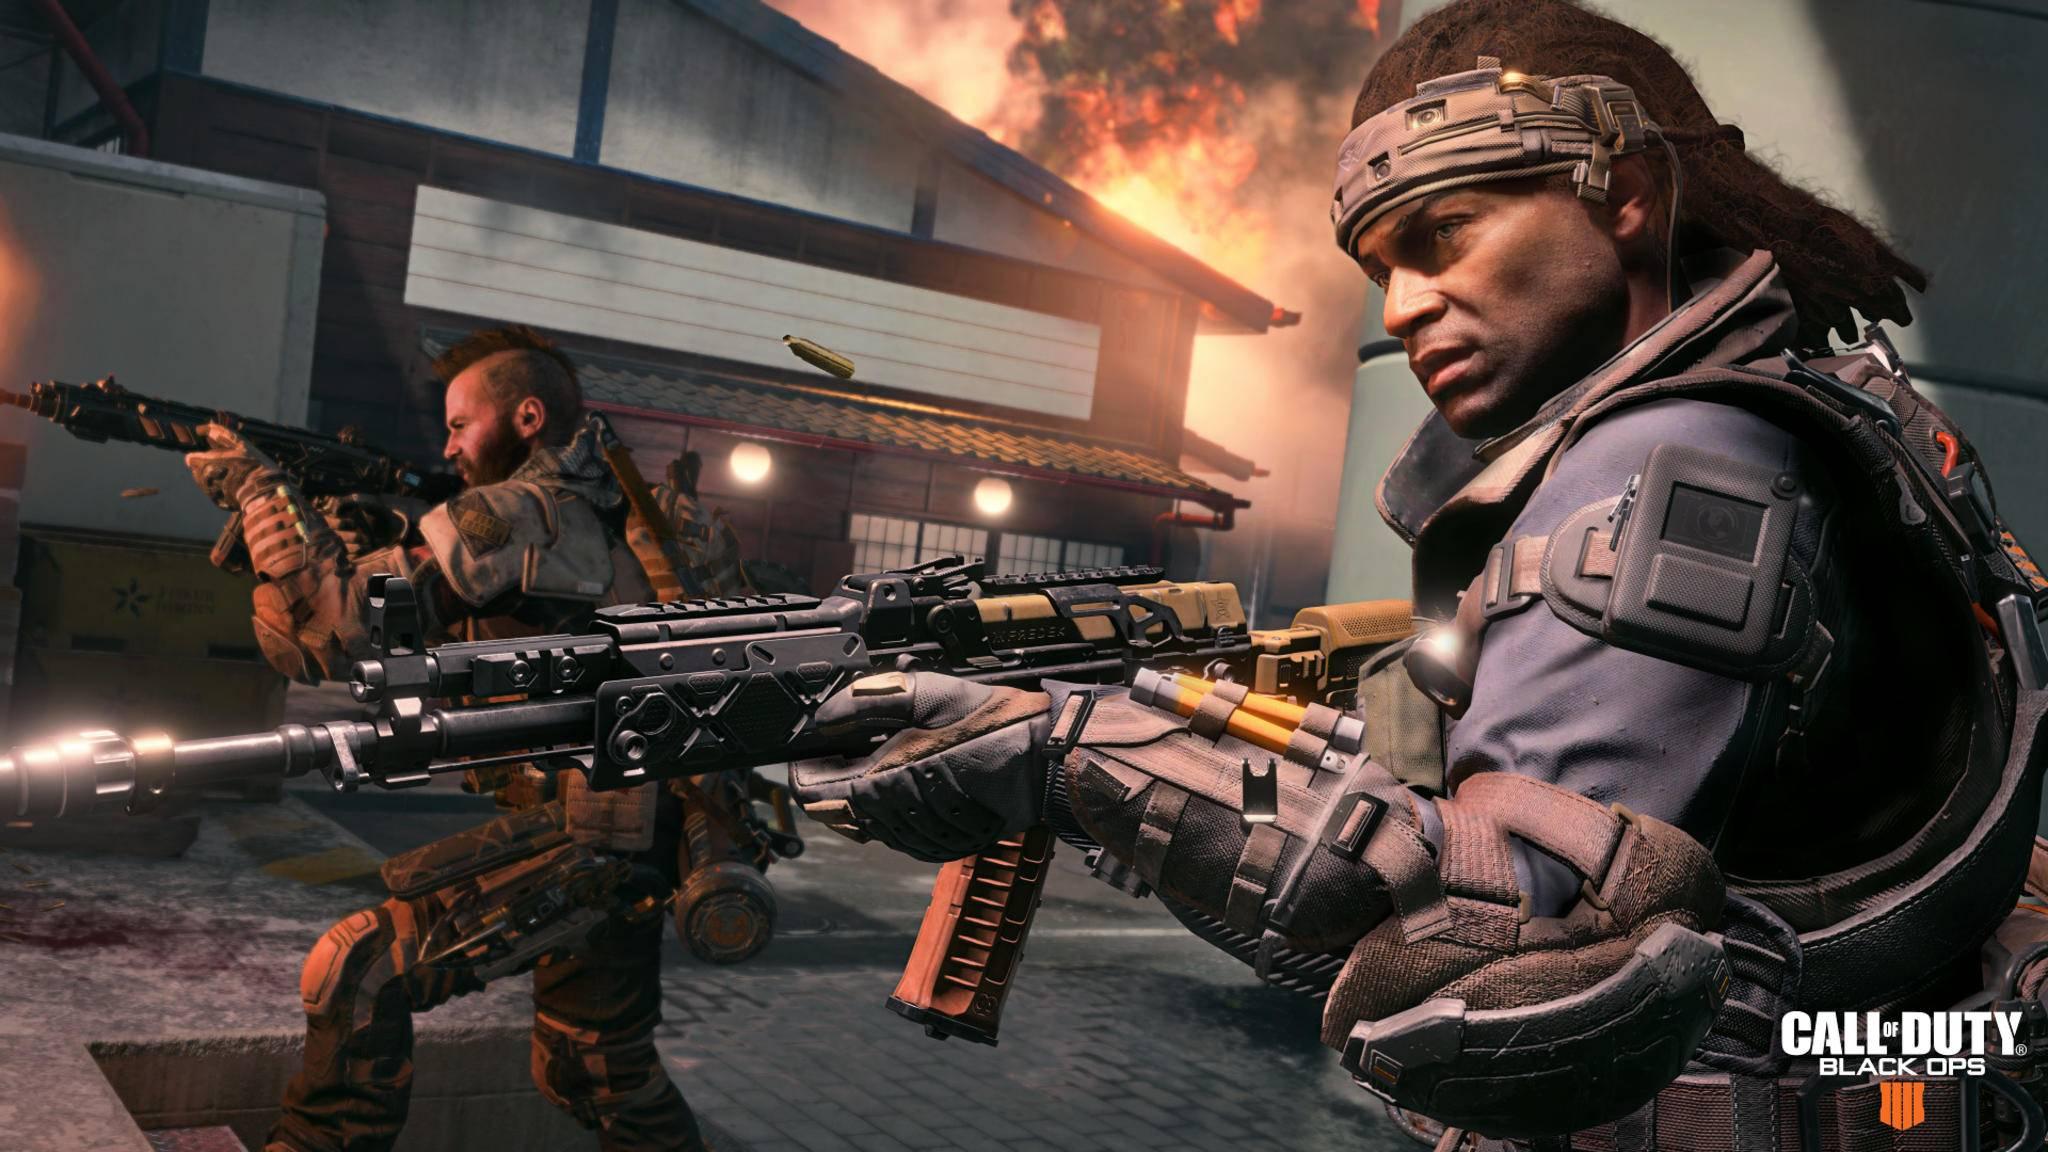 """Die Alpha-Version von """"Call of Duty 2020"""" wird offenbar schon fleißig getestet. (Bild: Call of Duty Black Ops 4)"""